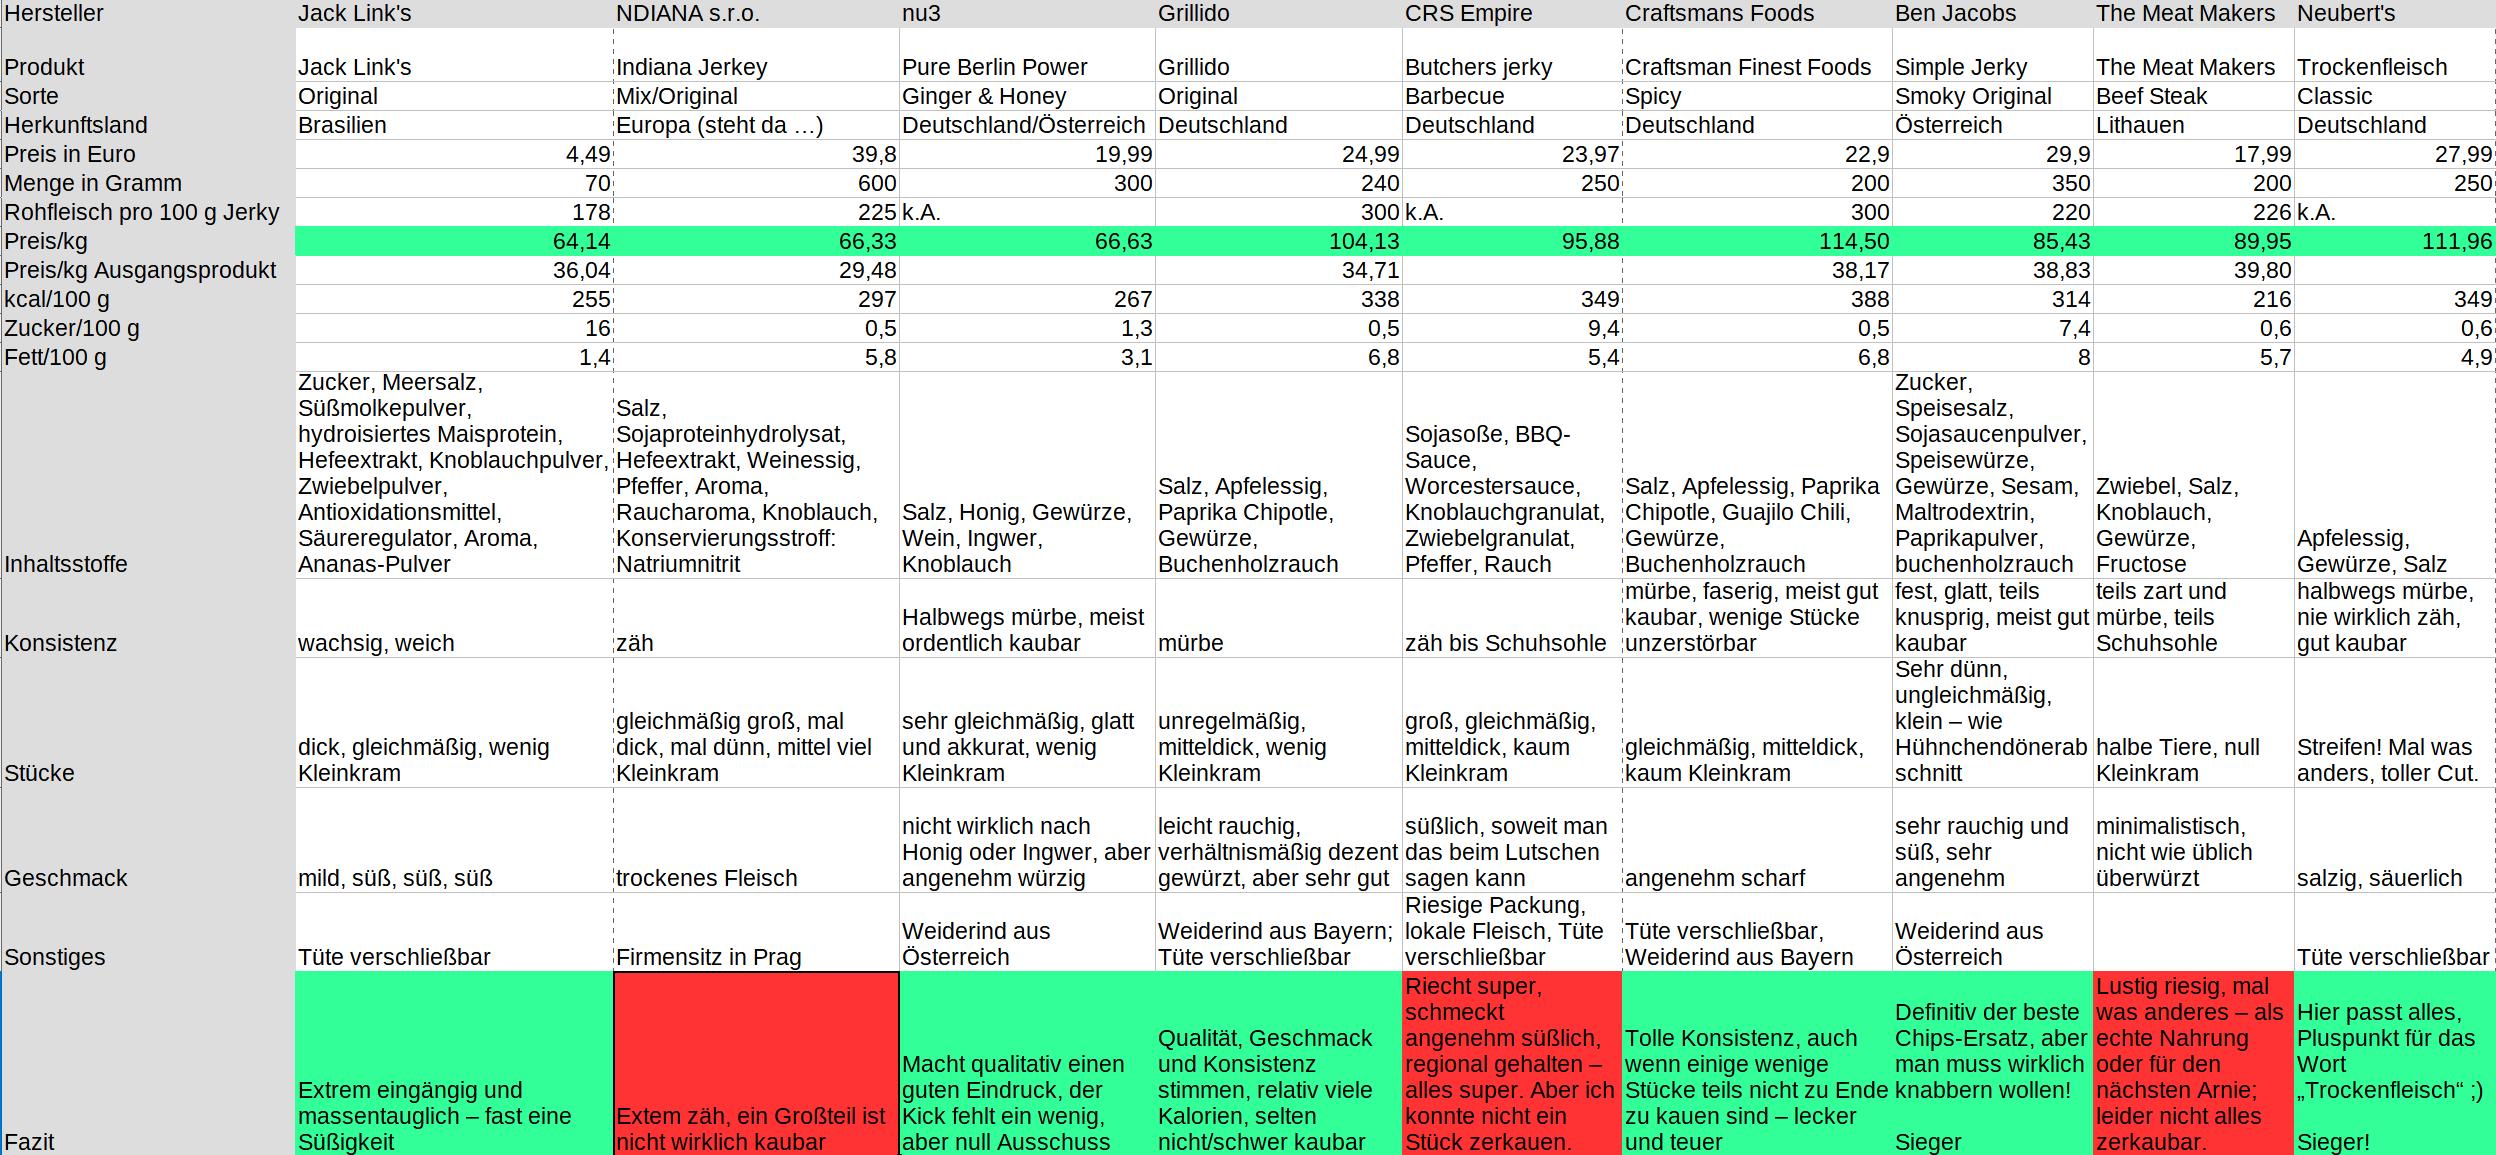 tabelle mit informationen zu diversen beef-jerky-produkten.